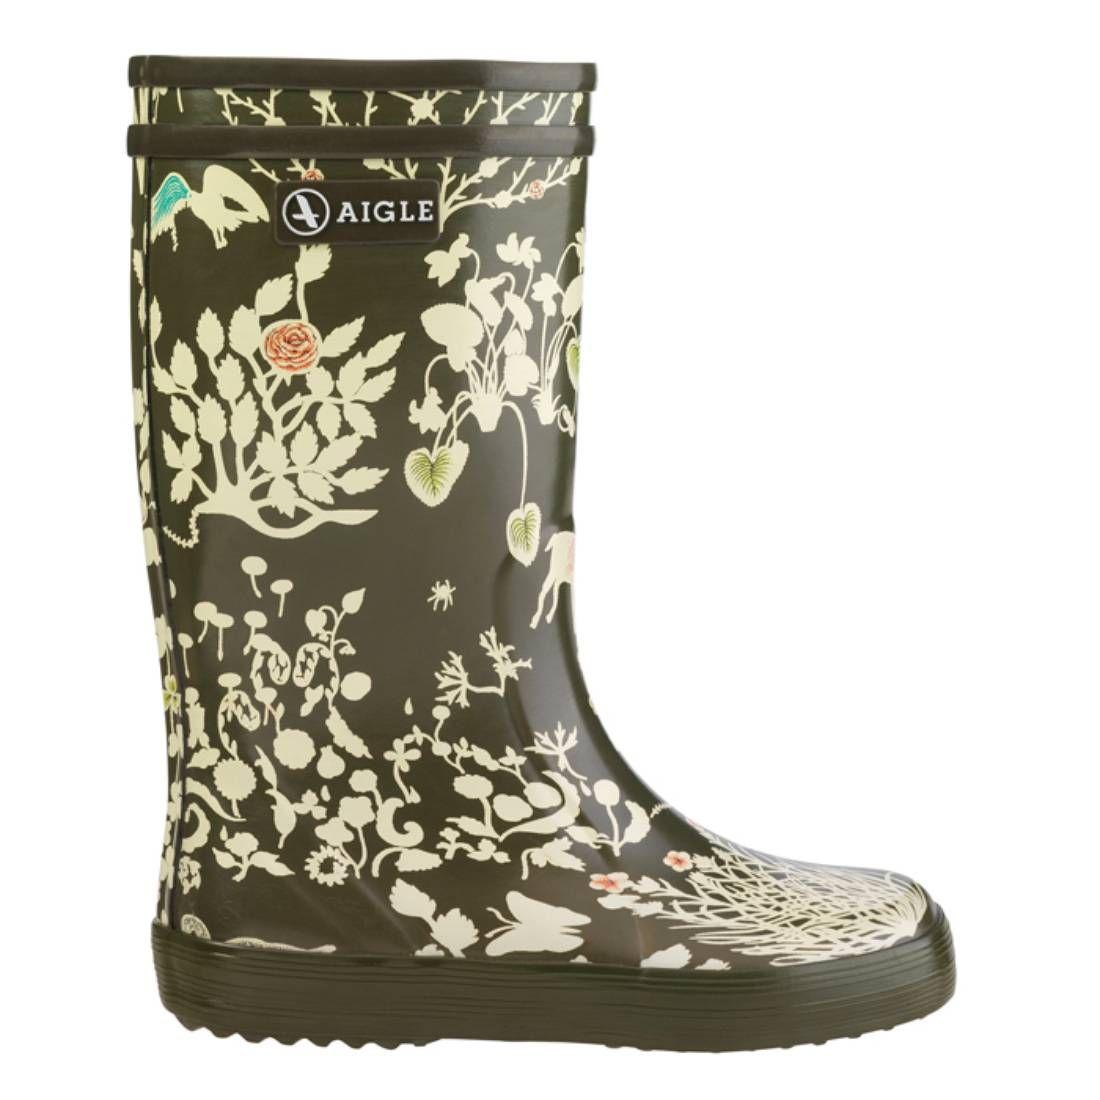 Rainy We Boots Pinterest Enfant Fille Love Kids Shoes Aigle wItqUrt